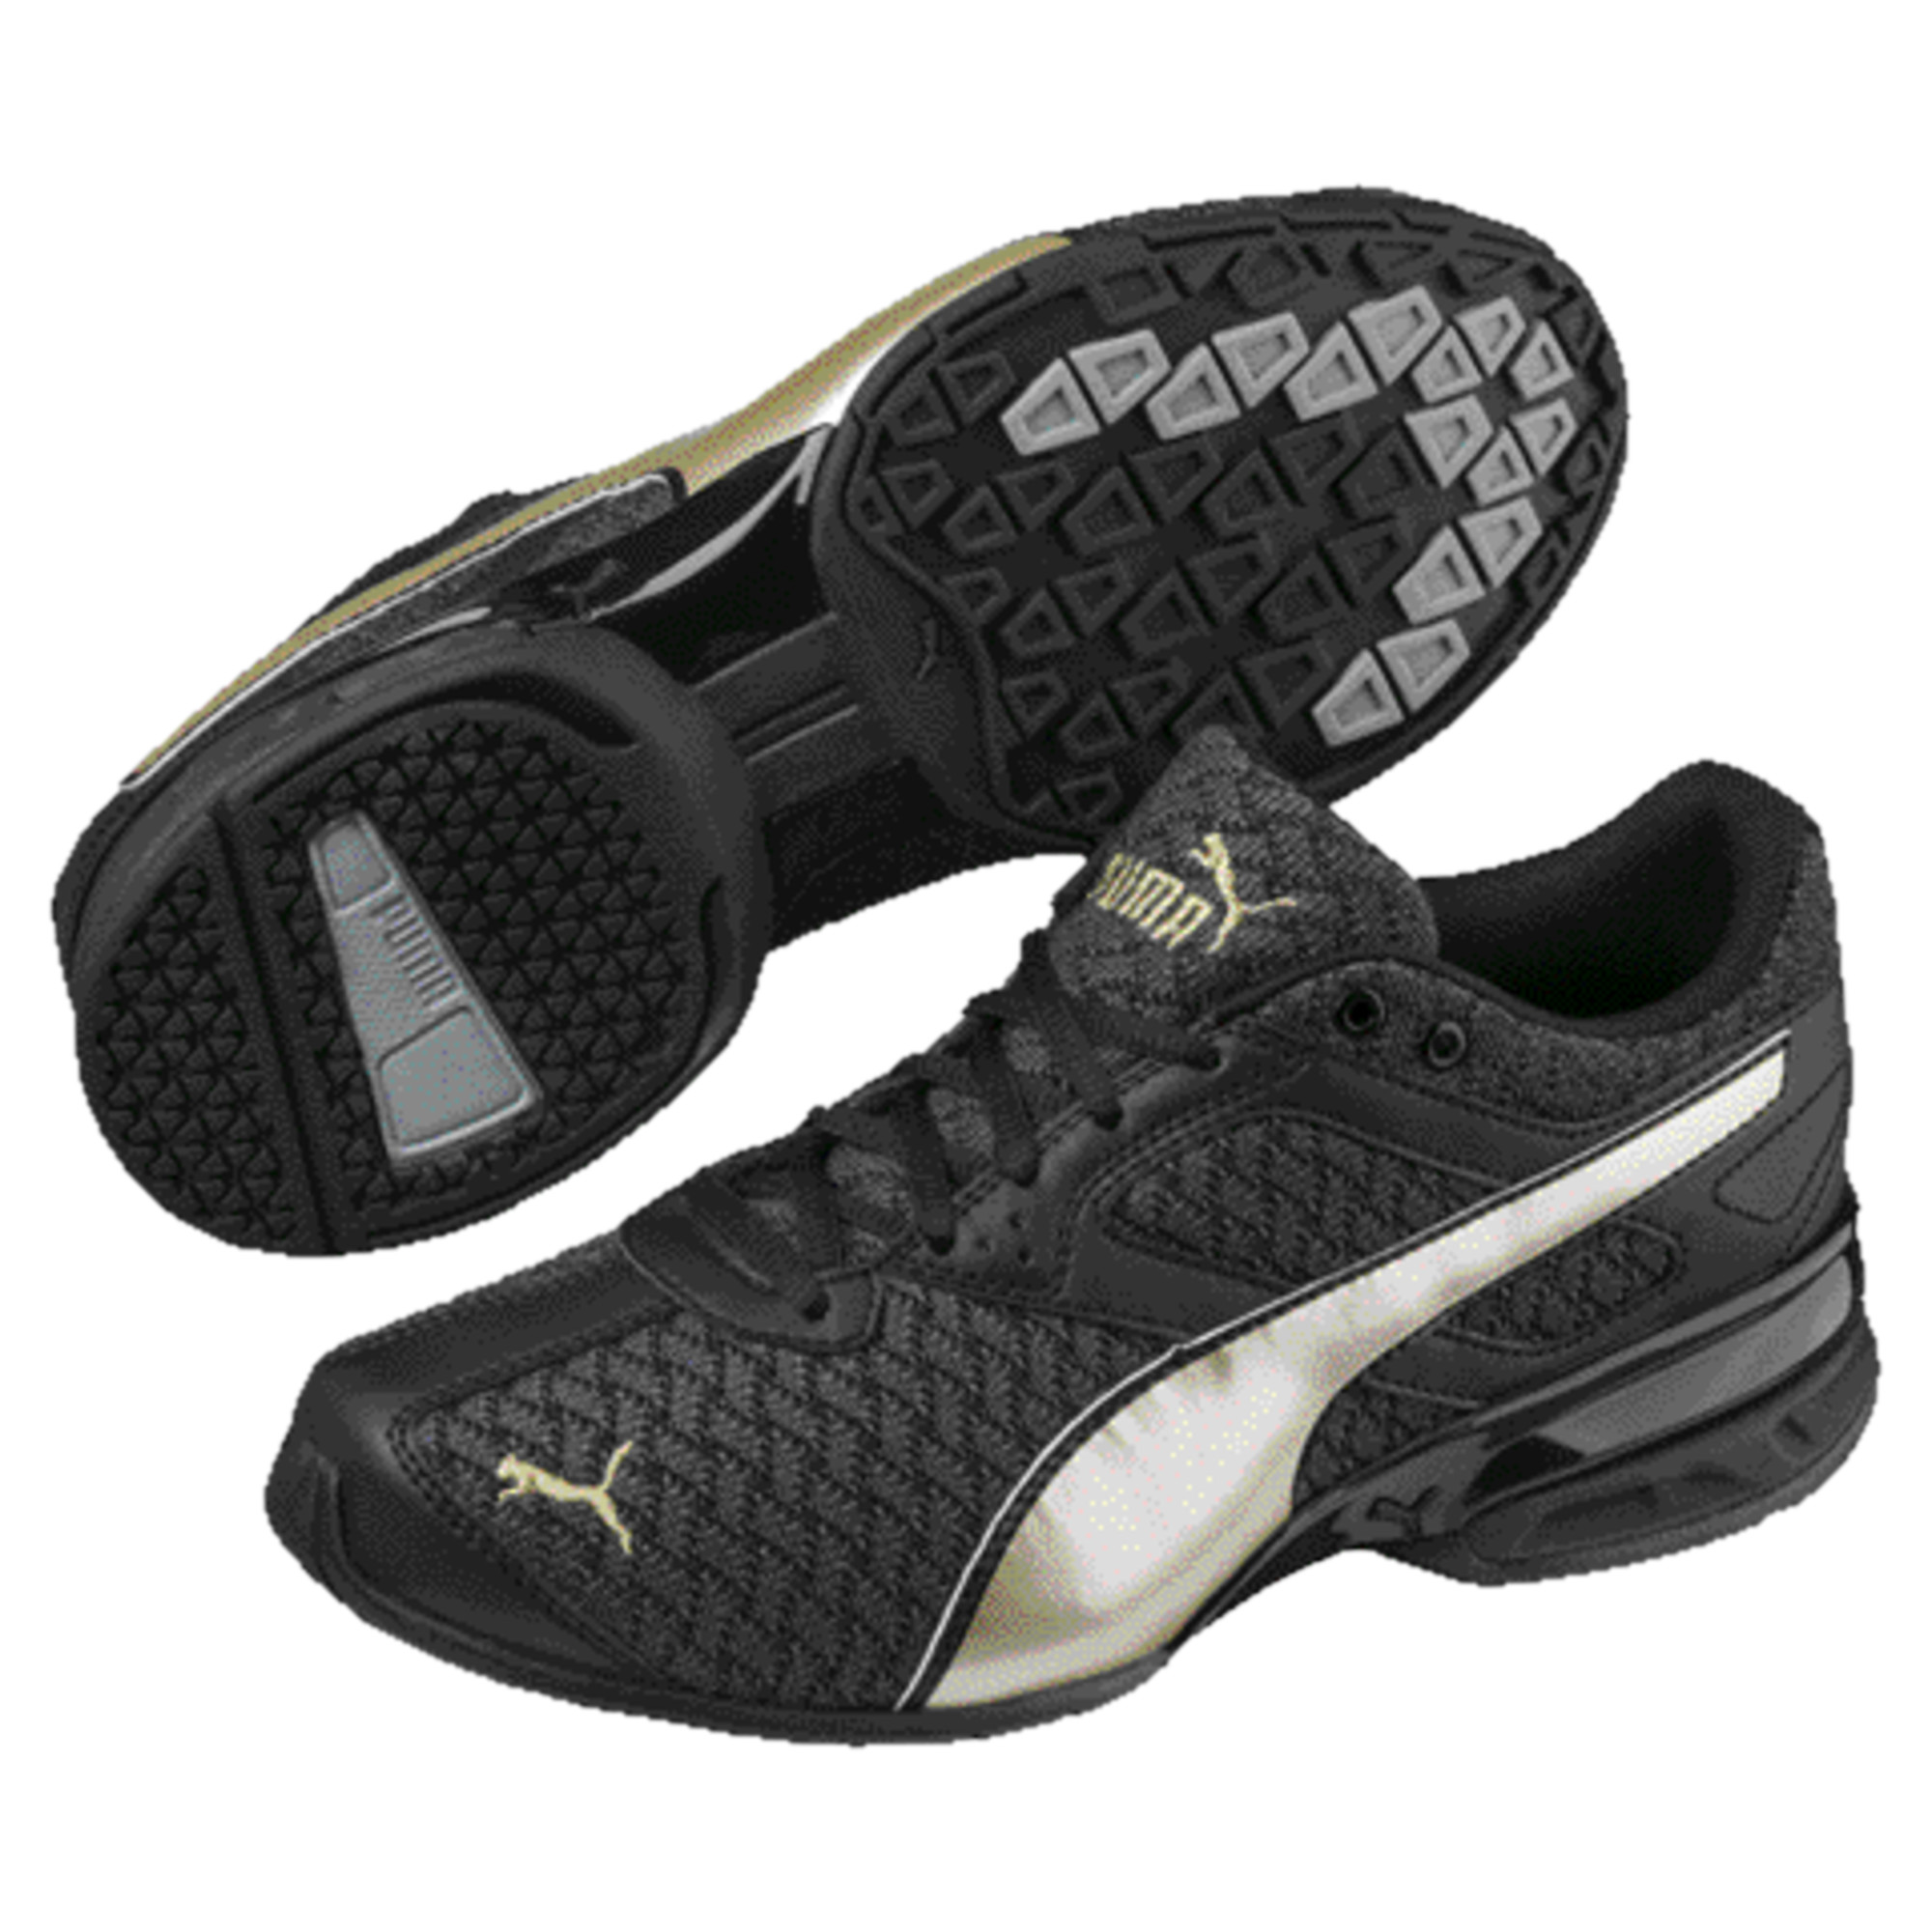 PUMA-Tazon-6-Luxe-Women-039-s-Sneakers-Women-Shoe-Running thumbnail 5